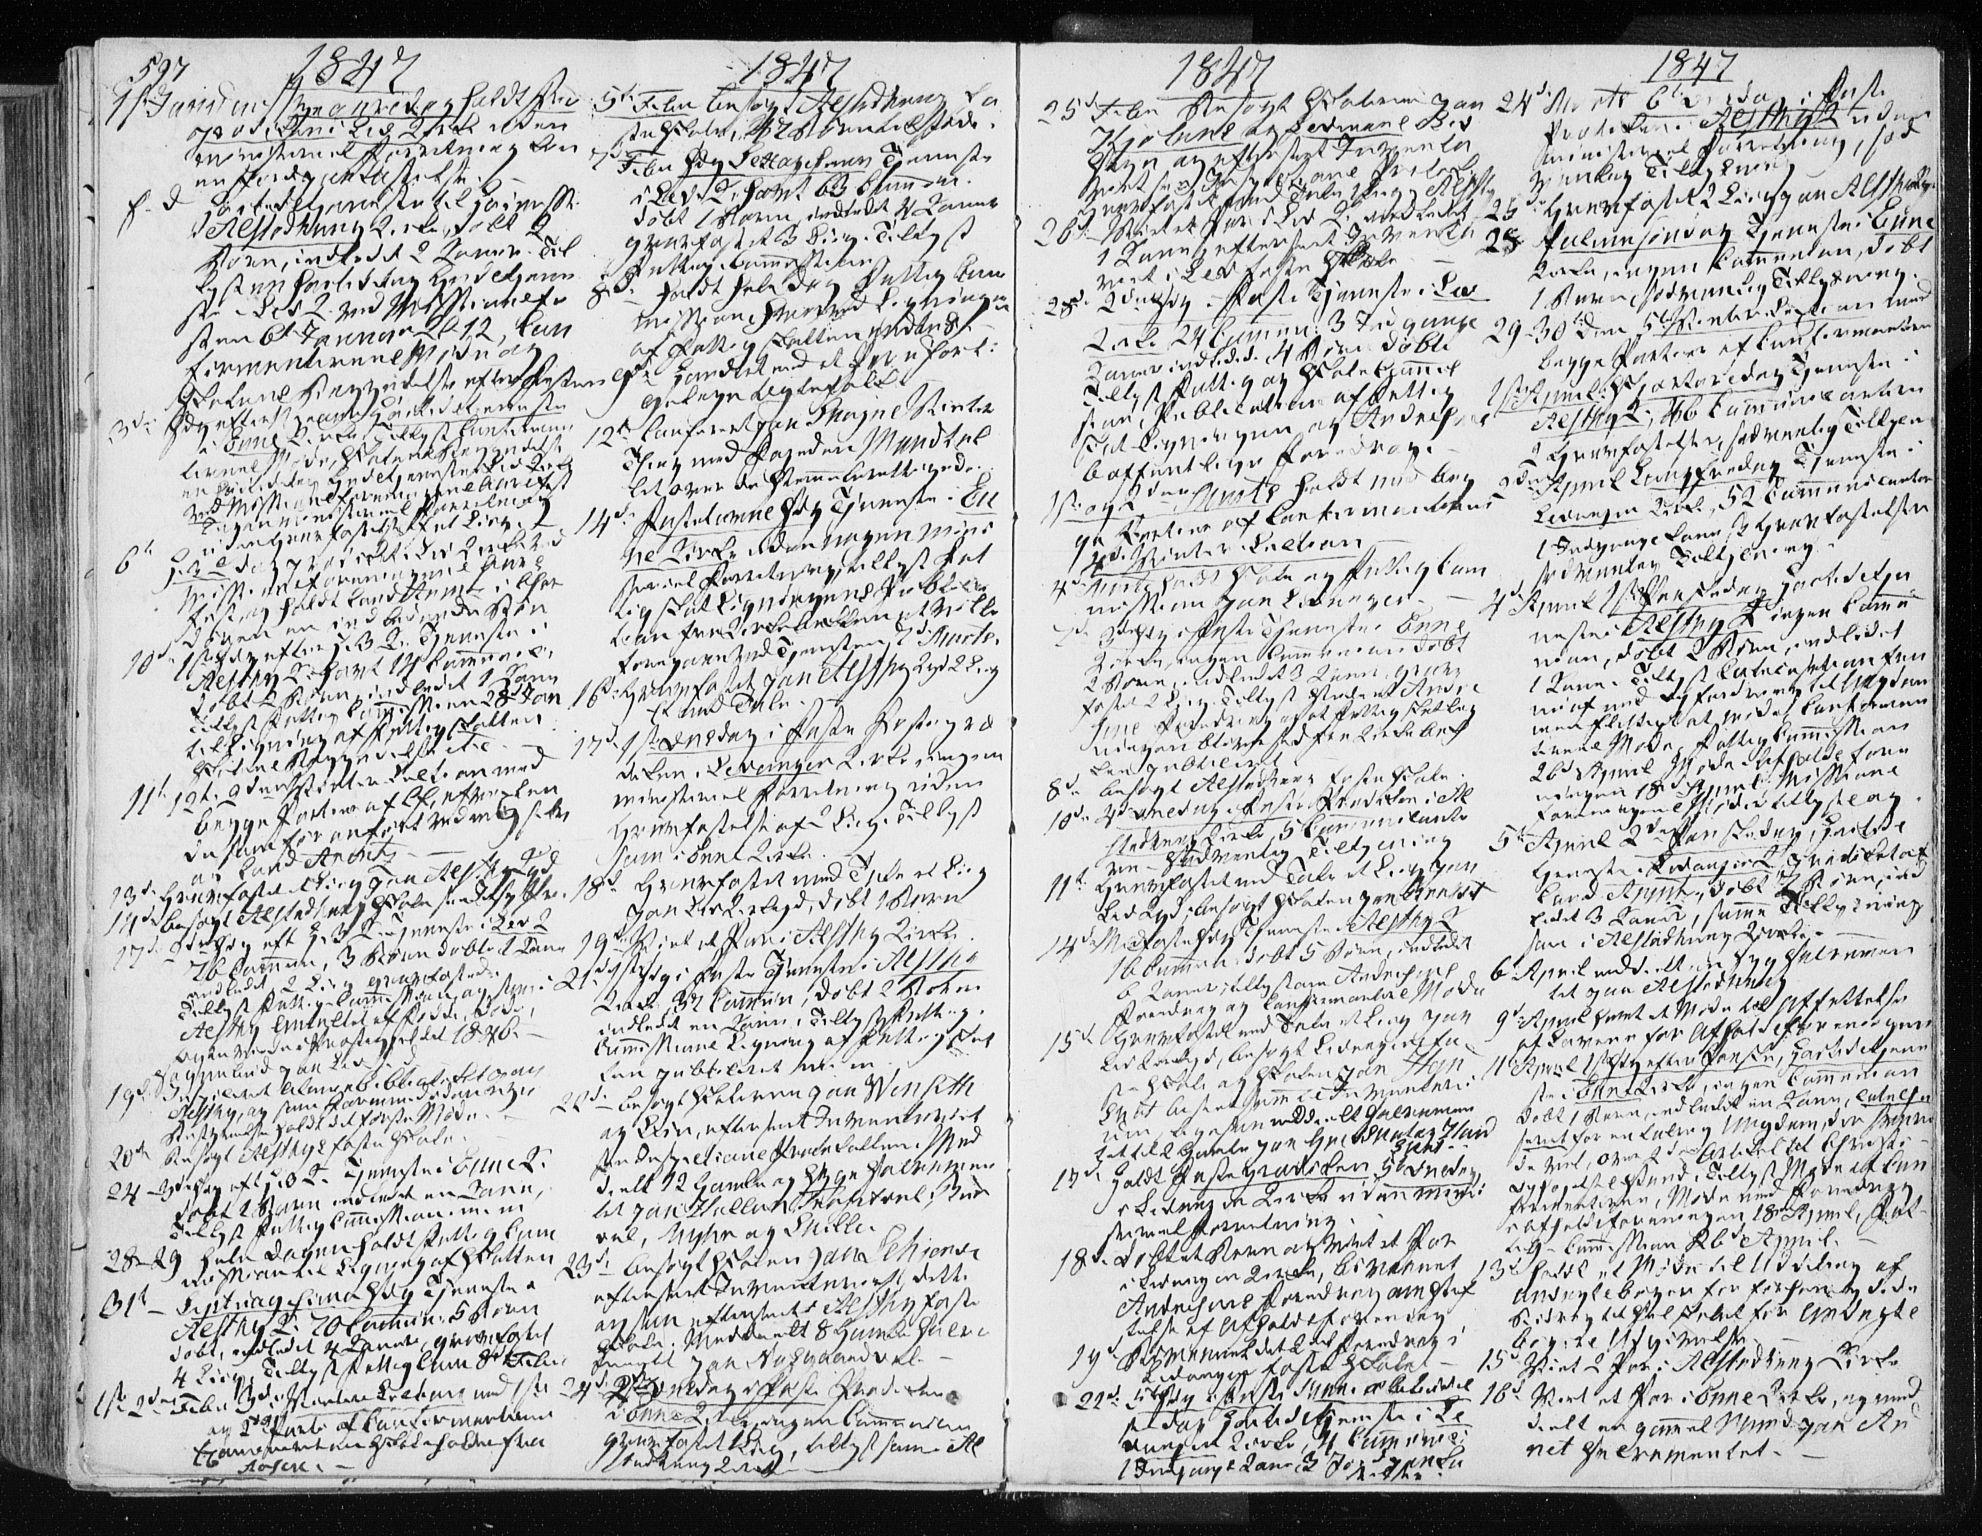 SAT, Ministerialprotokoller, klokkerbøker og fødselsregistre - Nord-Trøndelag, 717/L0154: Ministerialbok nr. 717A06 /1, 1836-1849, s. 597